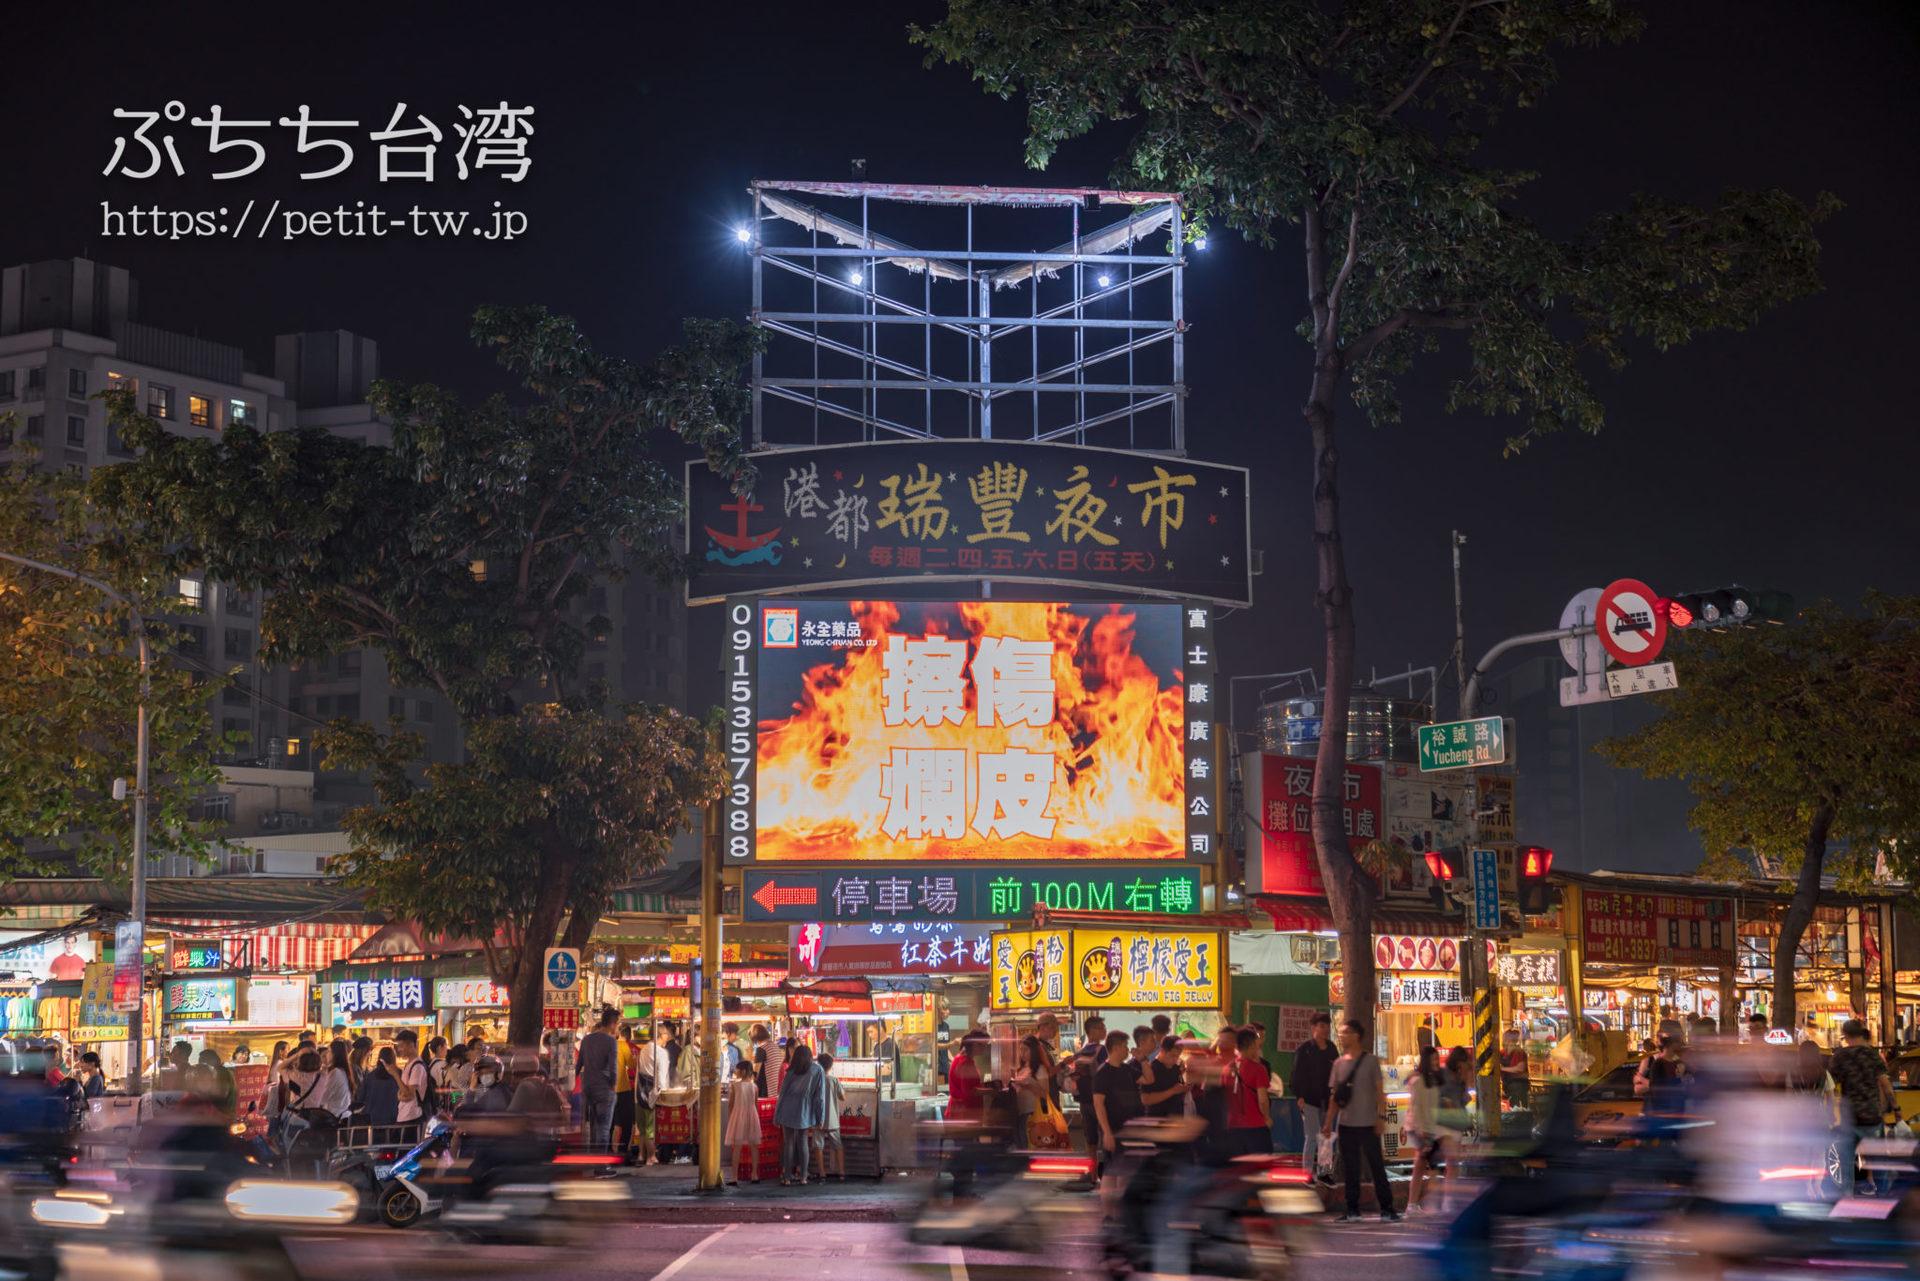 レイフォン夜市 | タカオ(高雄)在住シンノスケさんのおすすめ夜遊びスポット